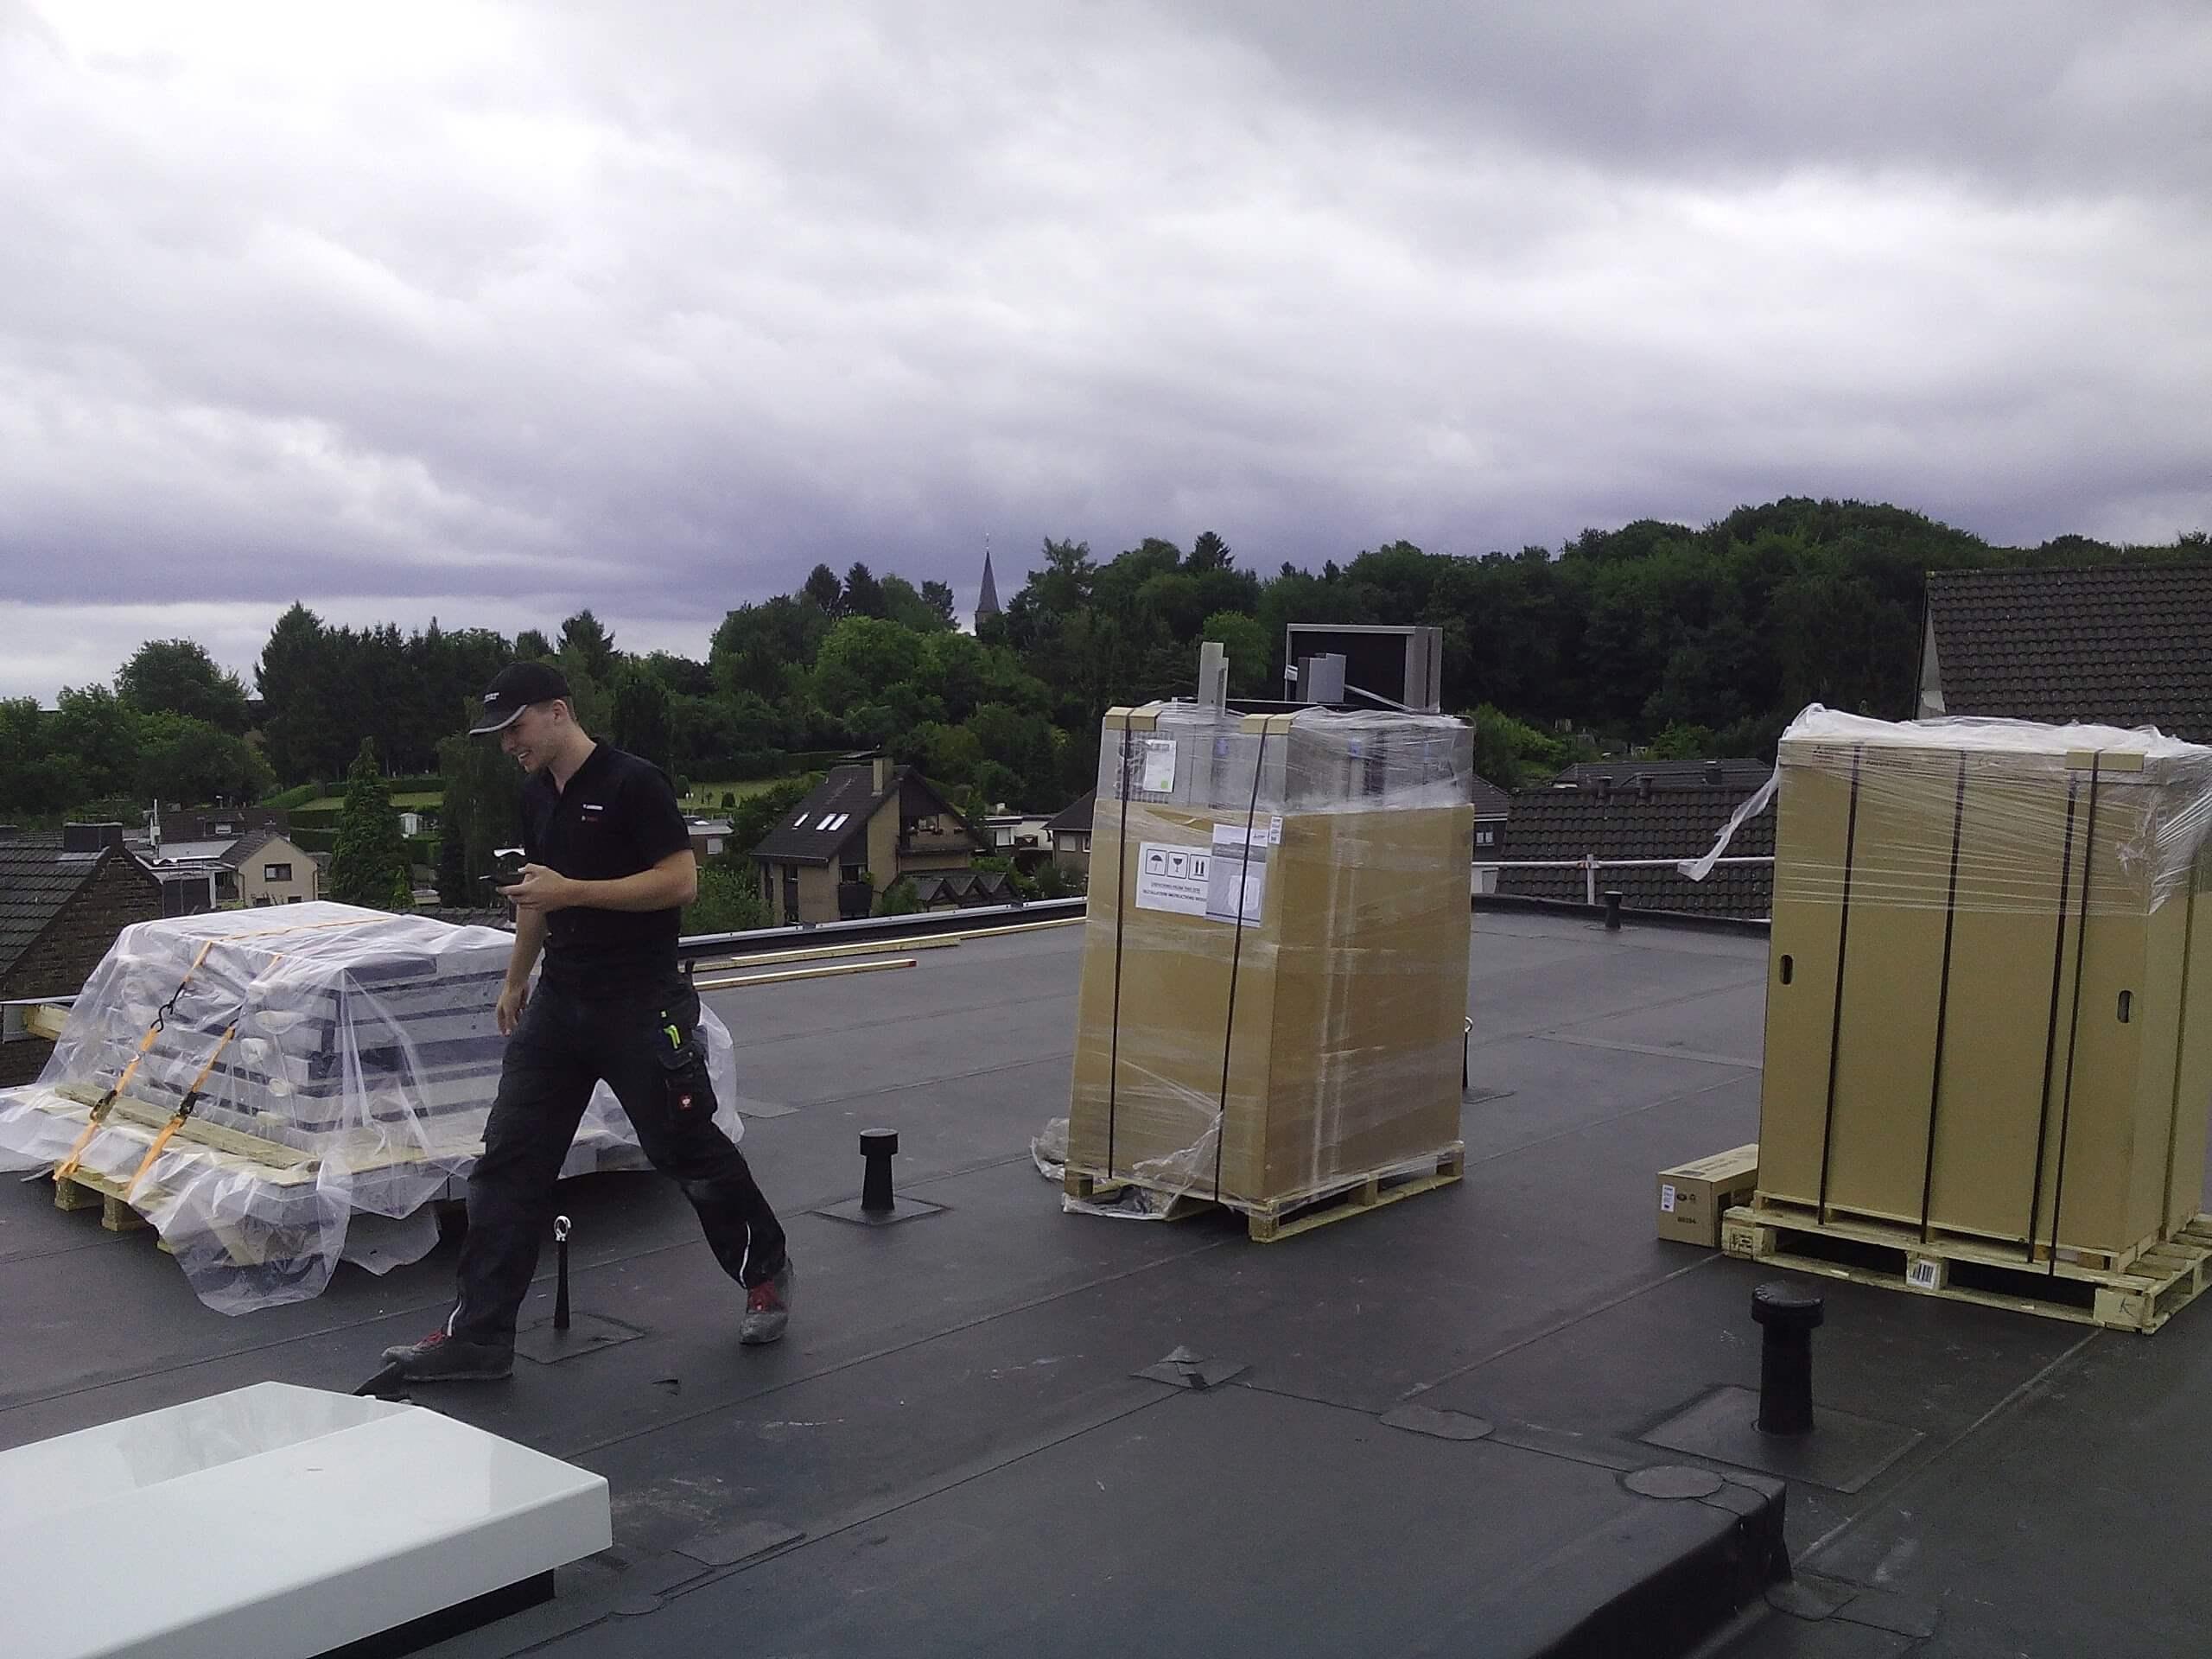 Mitsubischi Electric Wärmepumpen auf dem Dach